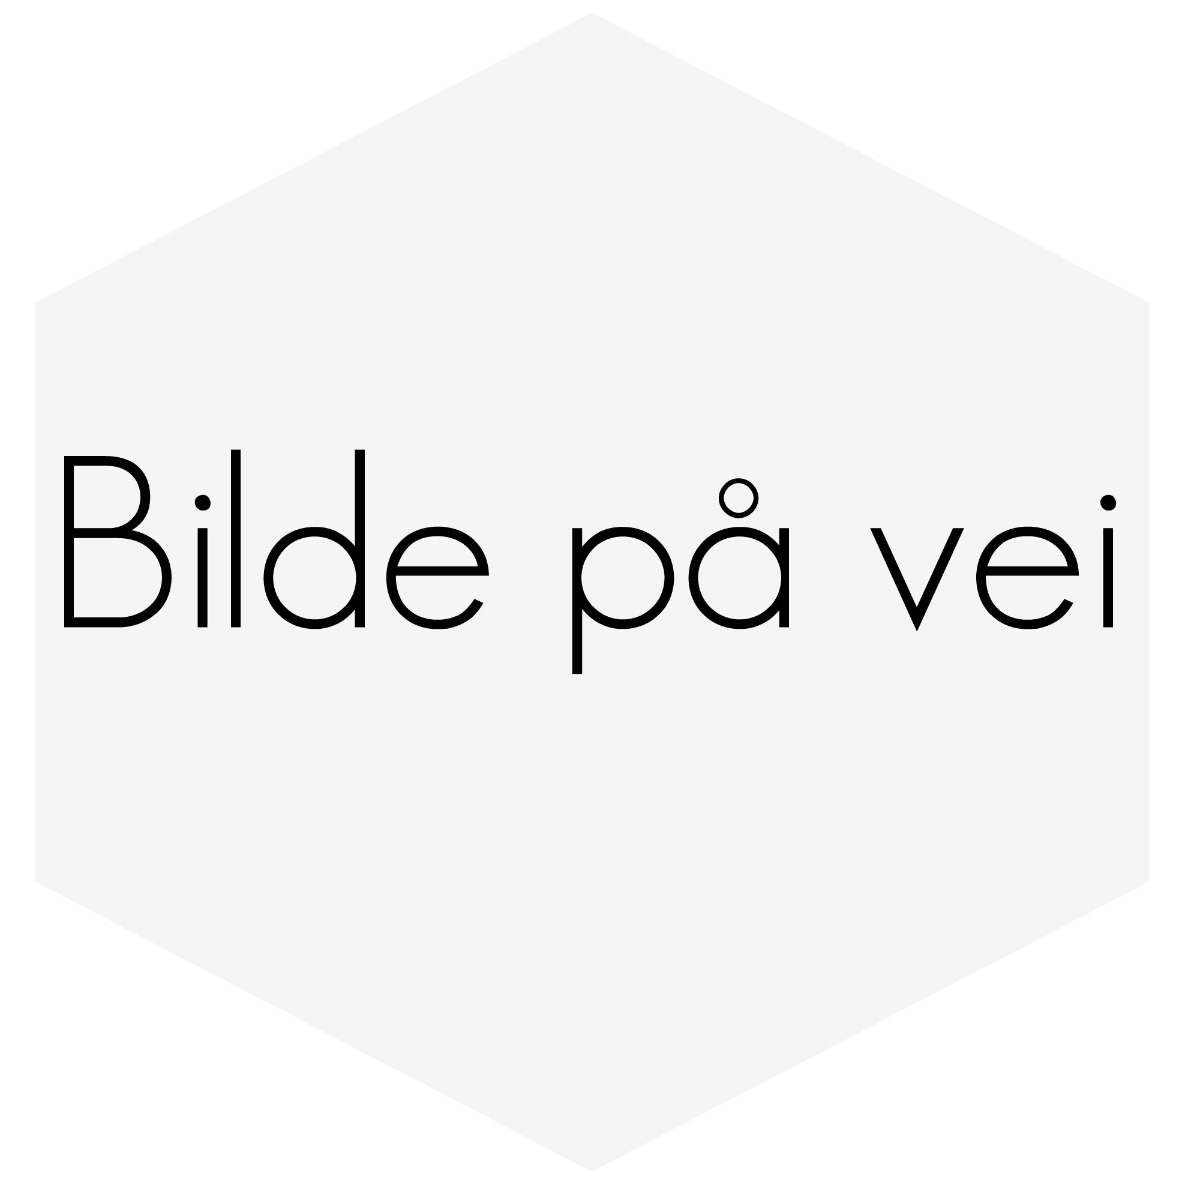 T-RØR TIL DUMPVENTIL I ALUMINIUM UTV.63MM/25MM UT TIL DUMP